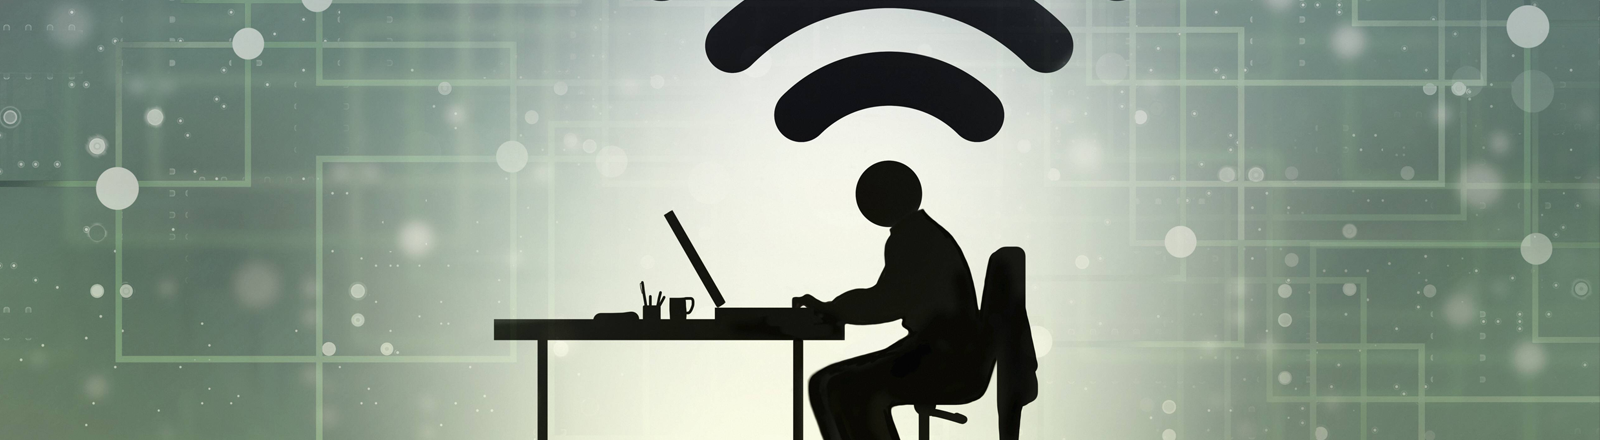 Grafik von einem Menschen an einem Schreibtisch mit Laptop, darüber das WLAN-Zeichen, im Hintergrund schematische Darstellung eines Netzwerkes.